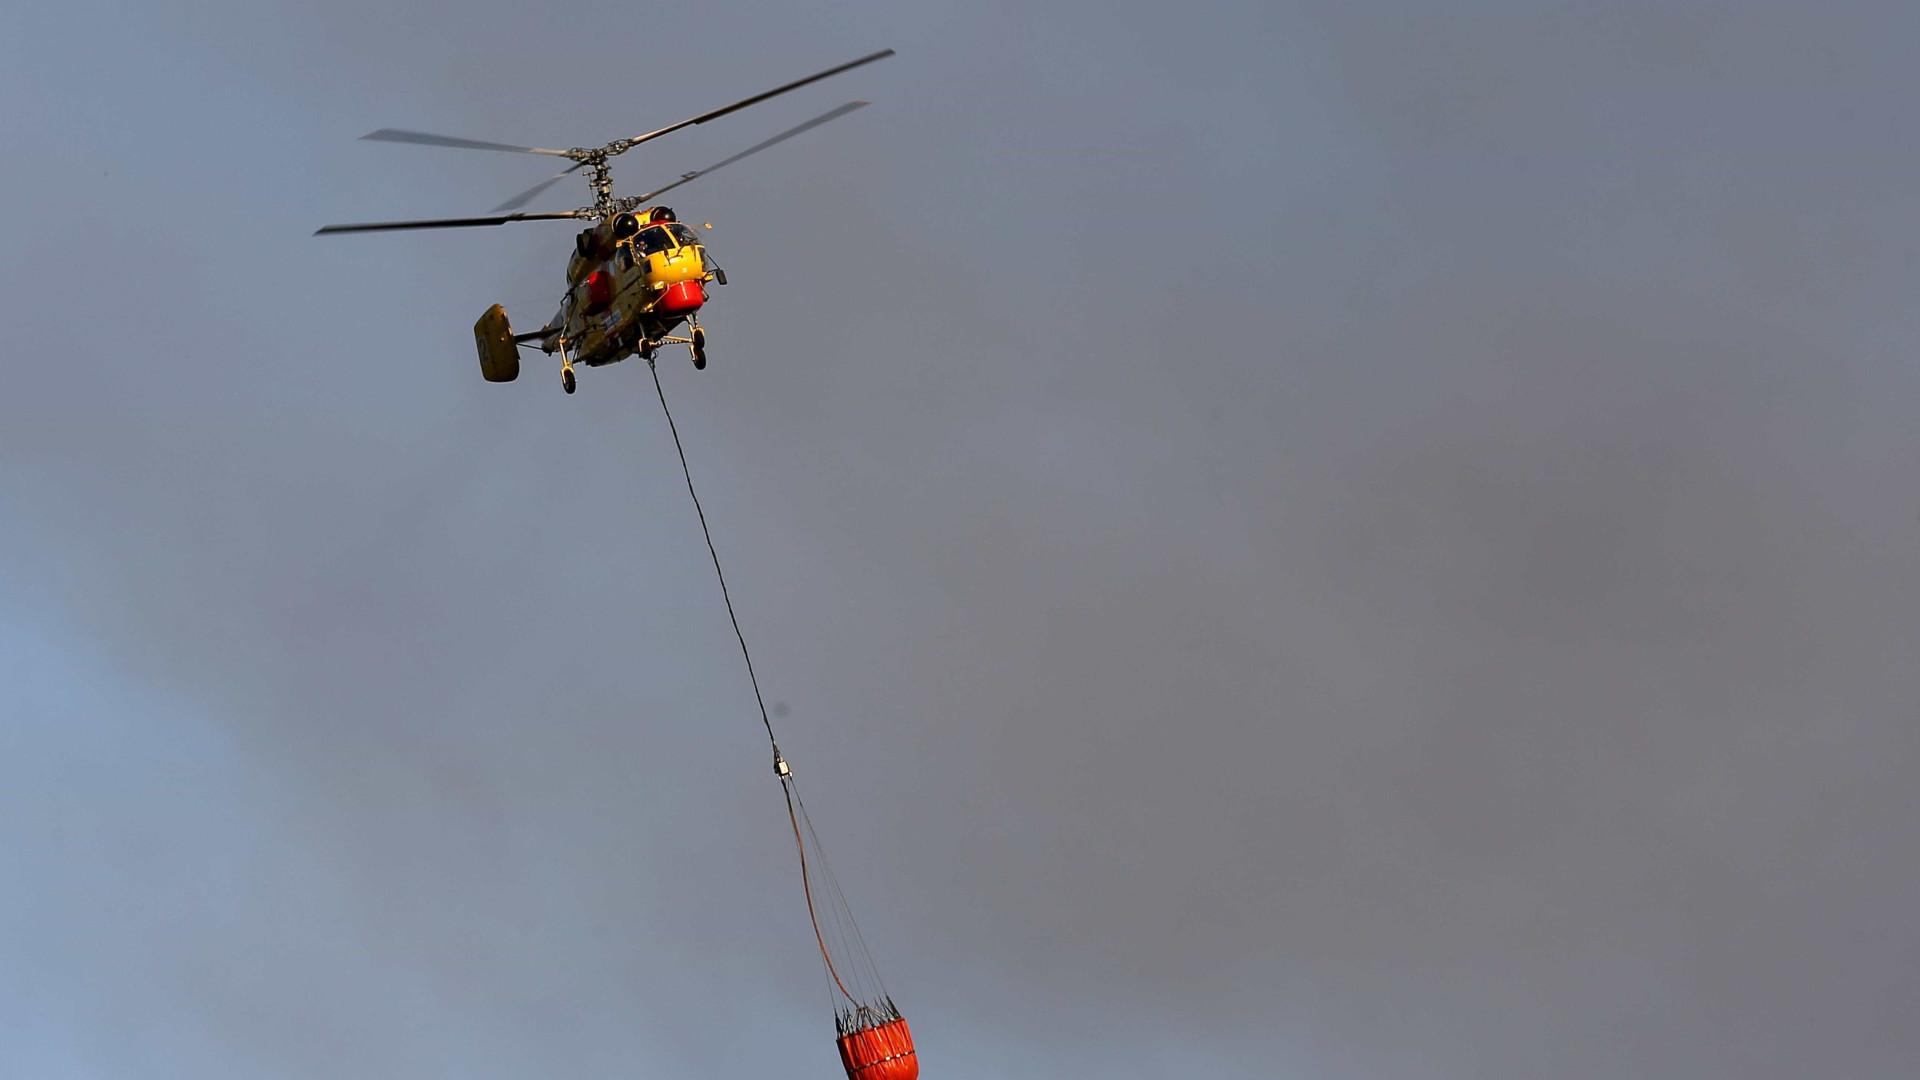 Alijó: Quatro meios aéreos reforçam combate às chamas